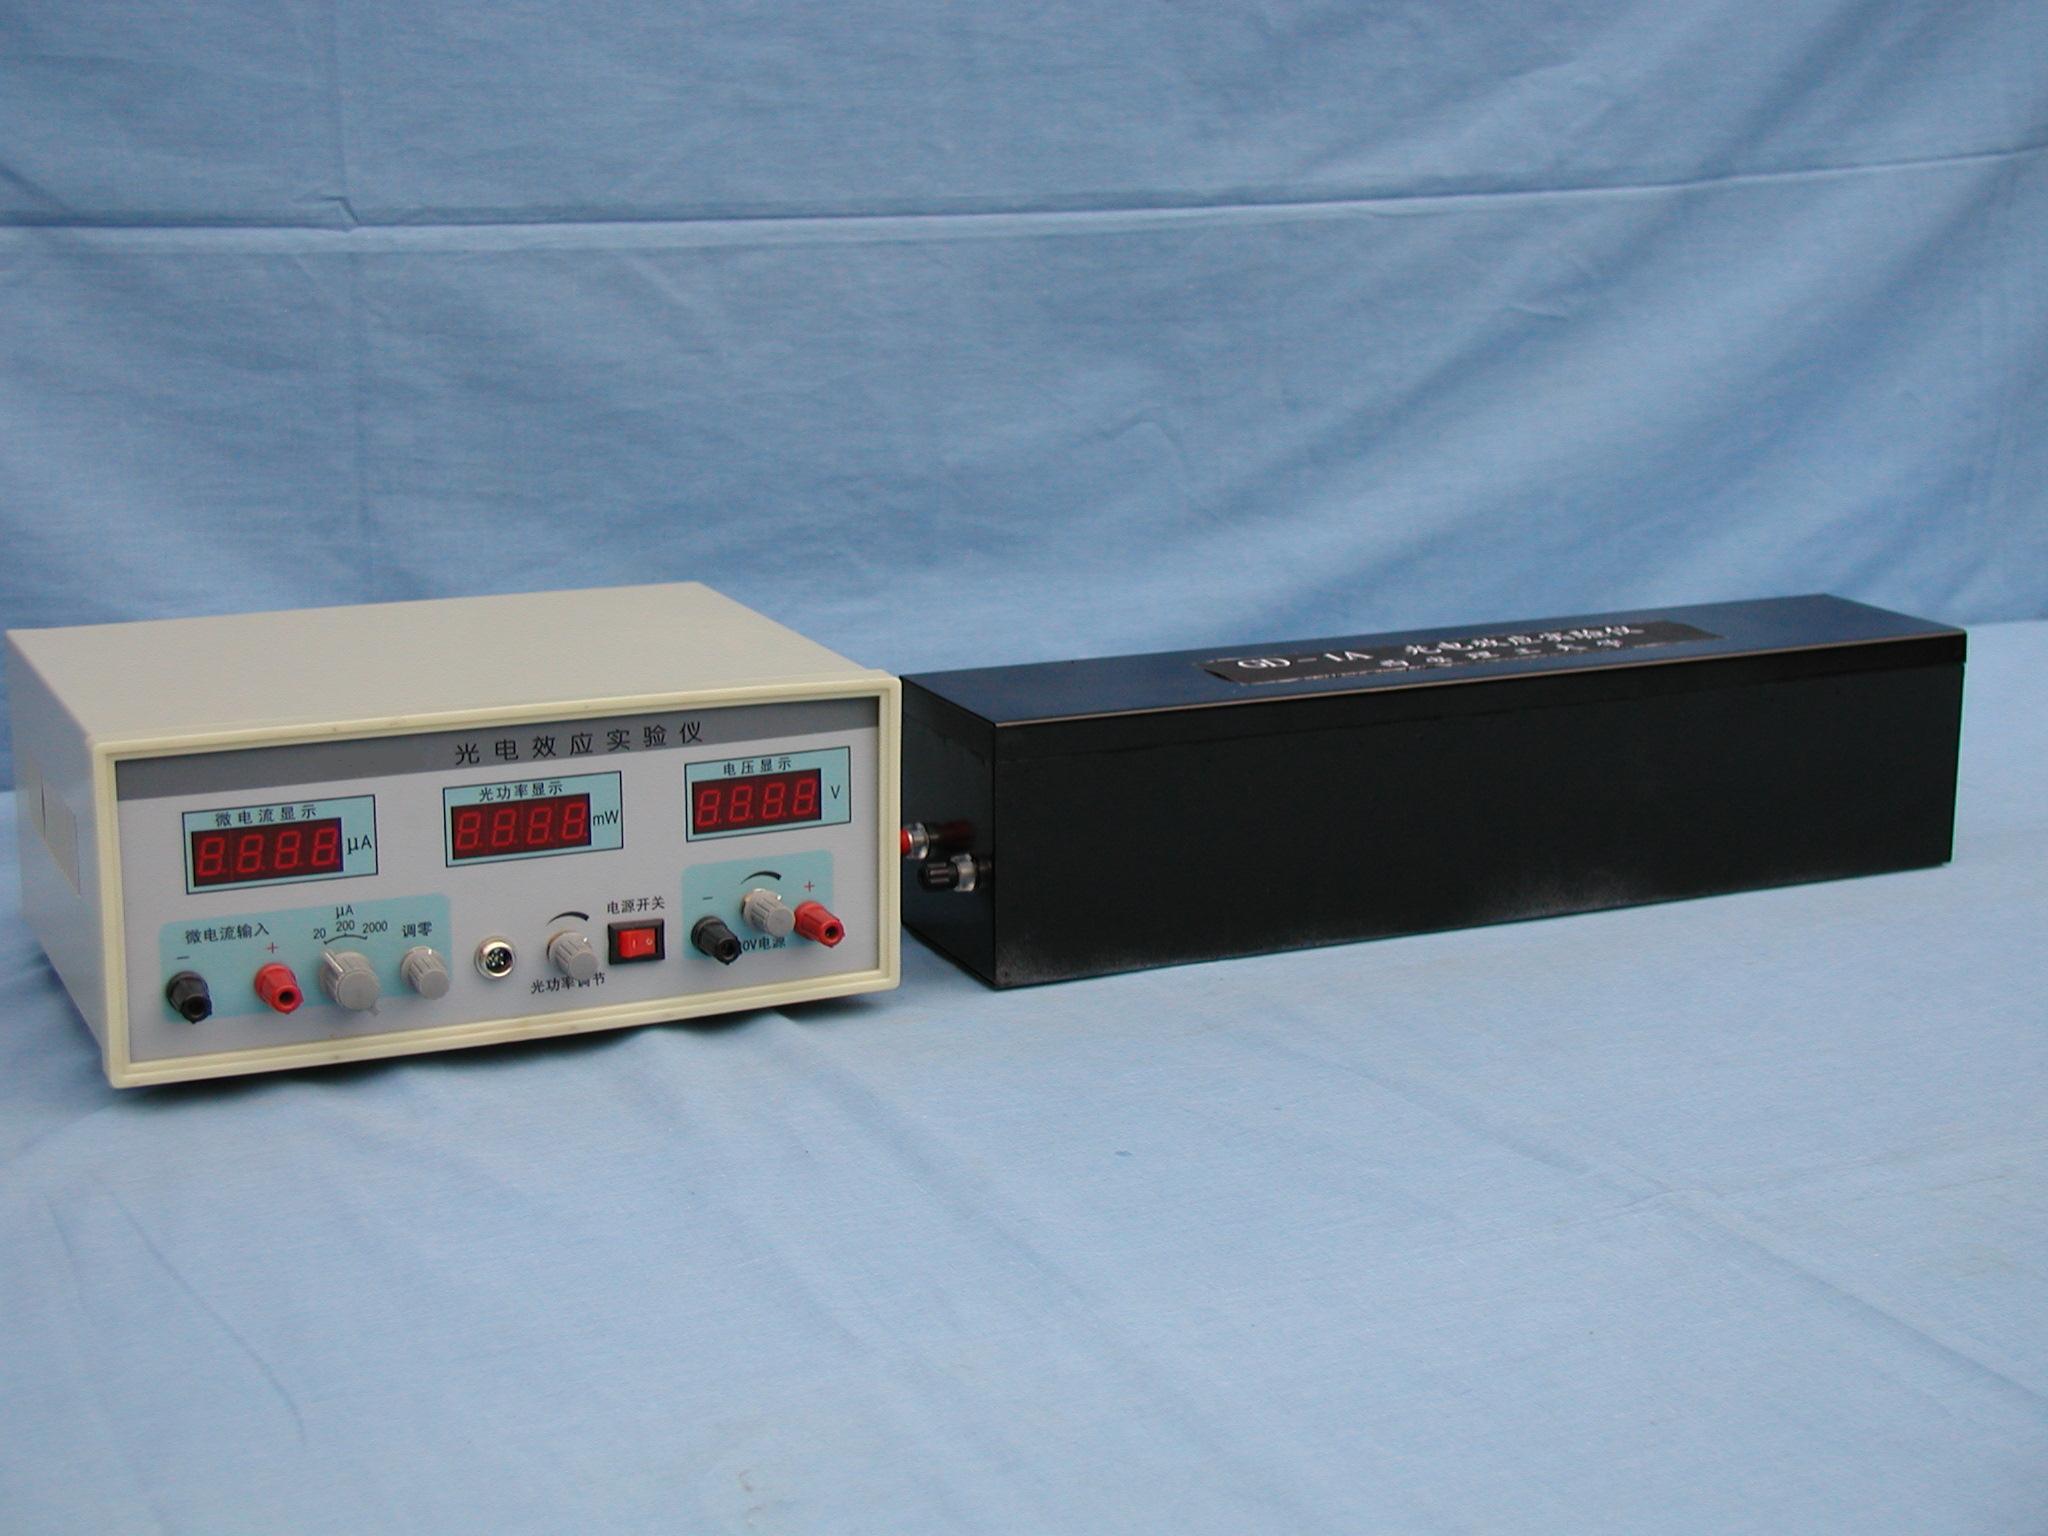 其他专用仪器仪表-光电效应实验仪-其他专用仪器仪表